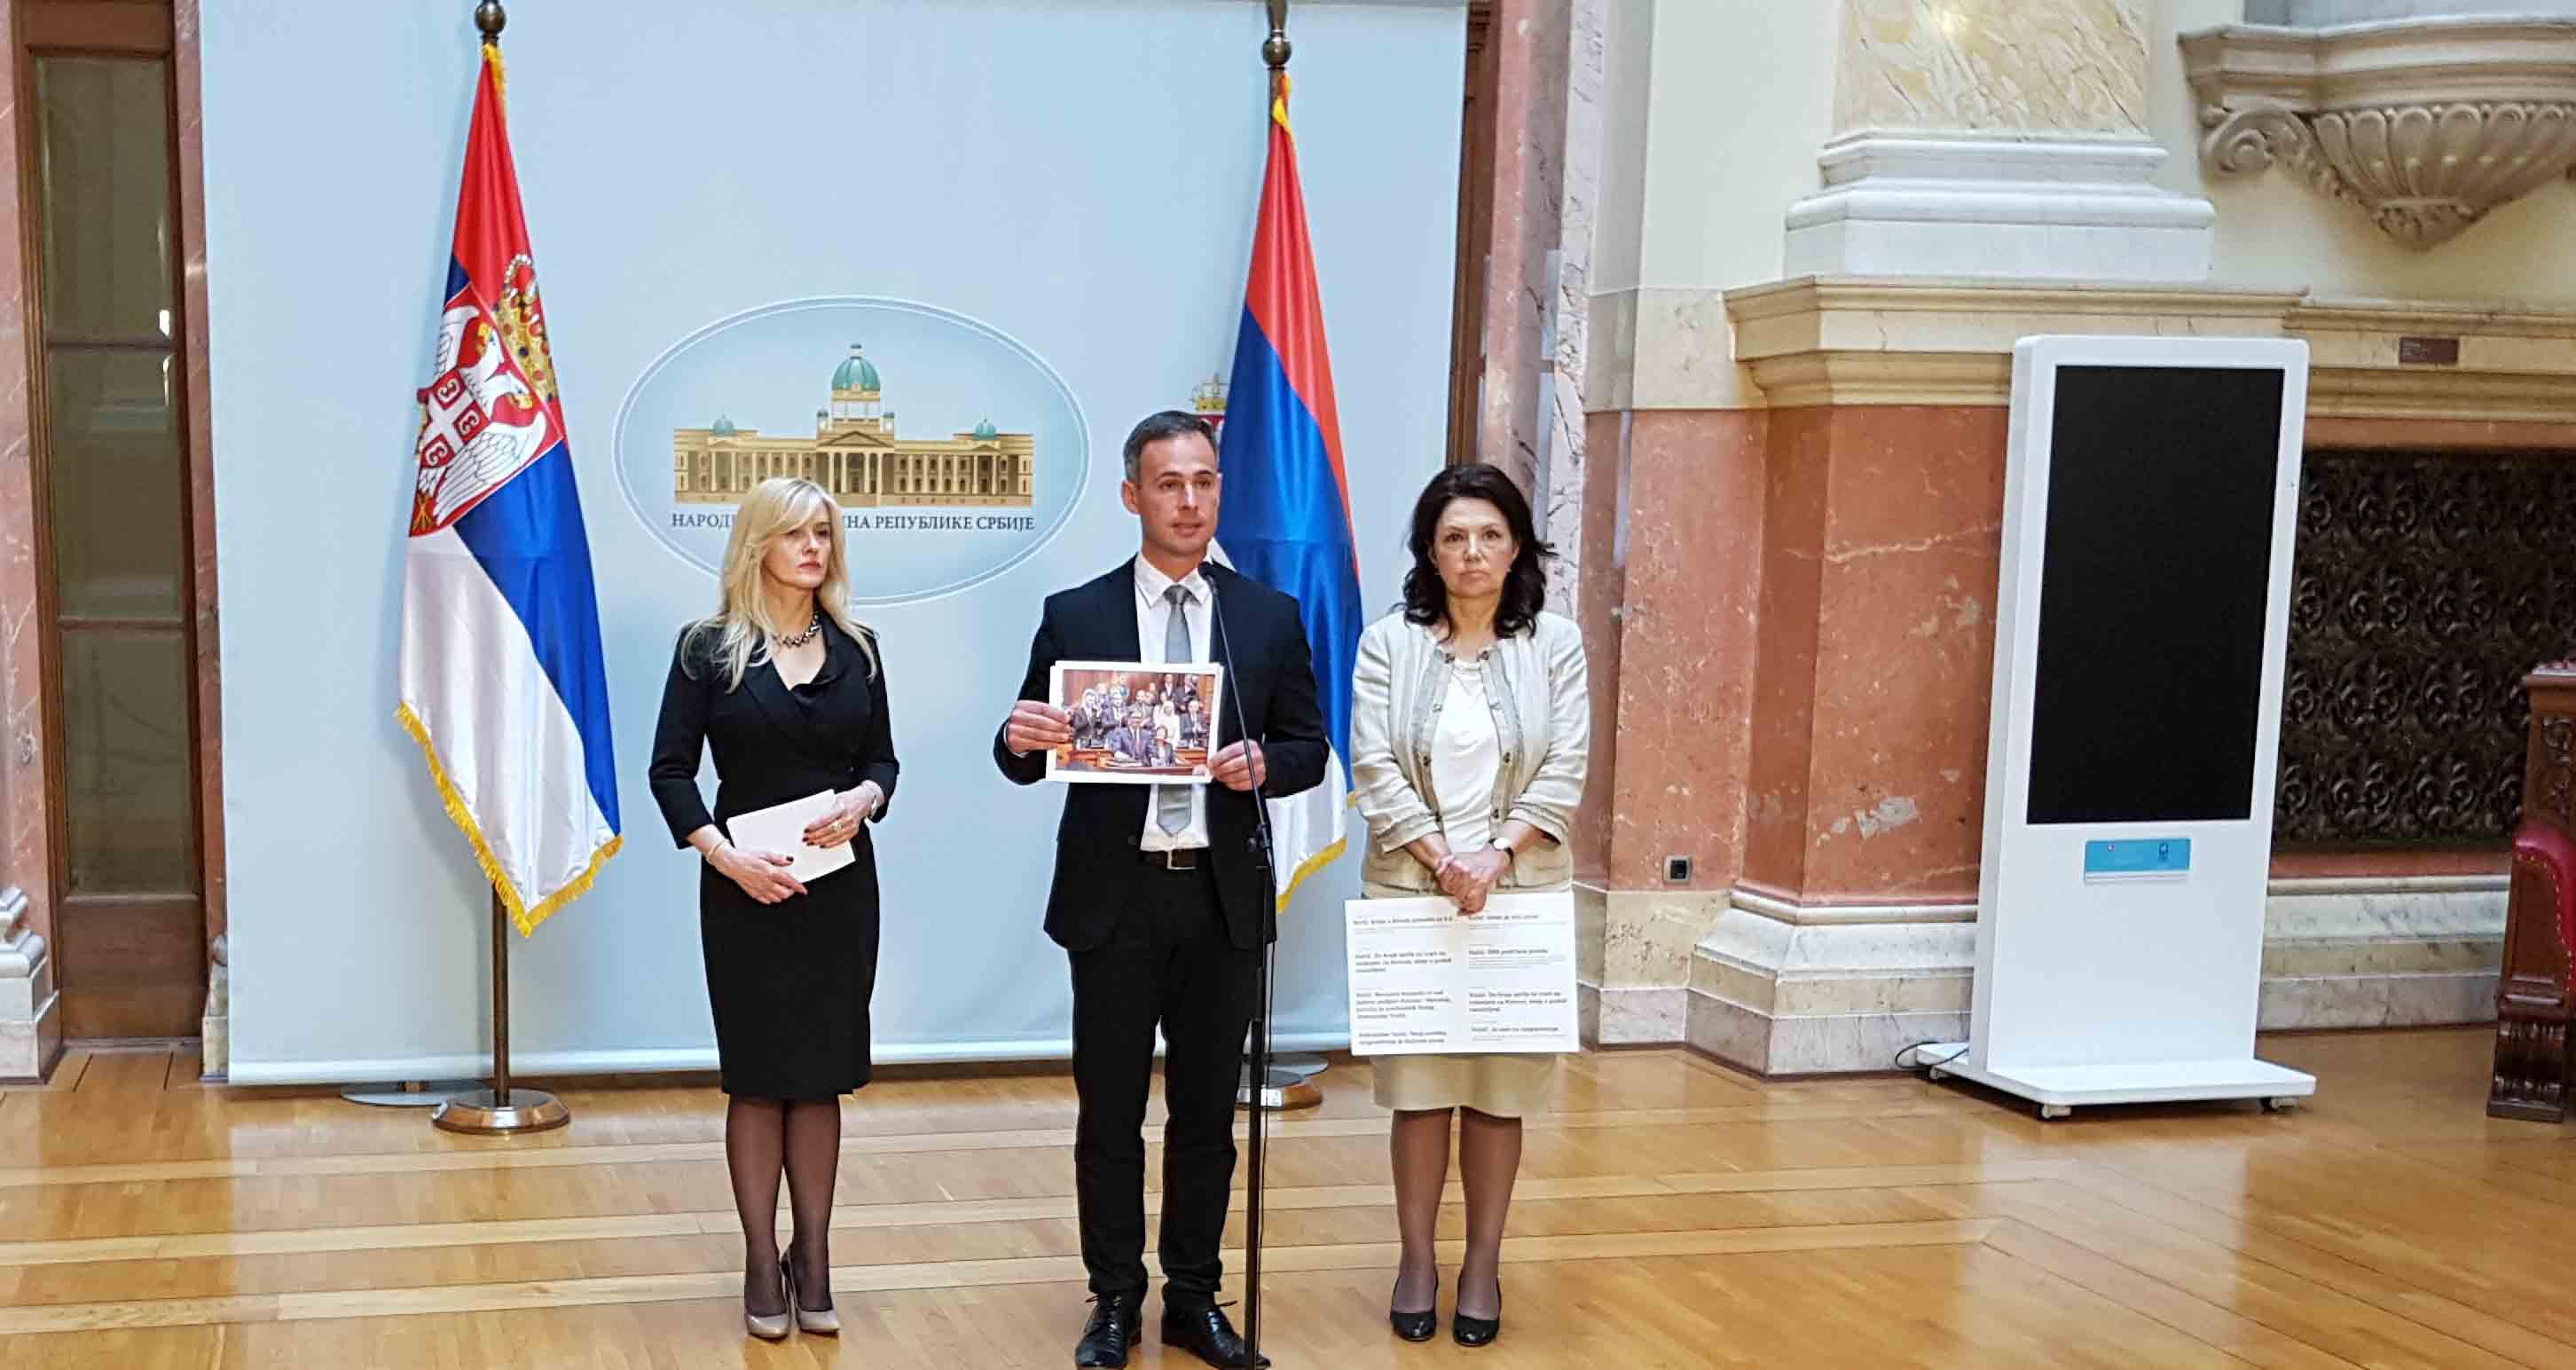 Српски телеграф осуђен због лажи које је објавио о Мирославу Алексићу